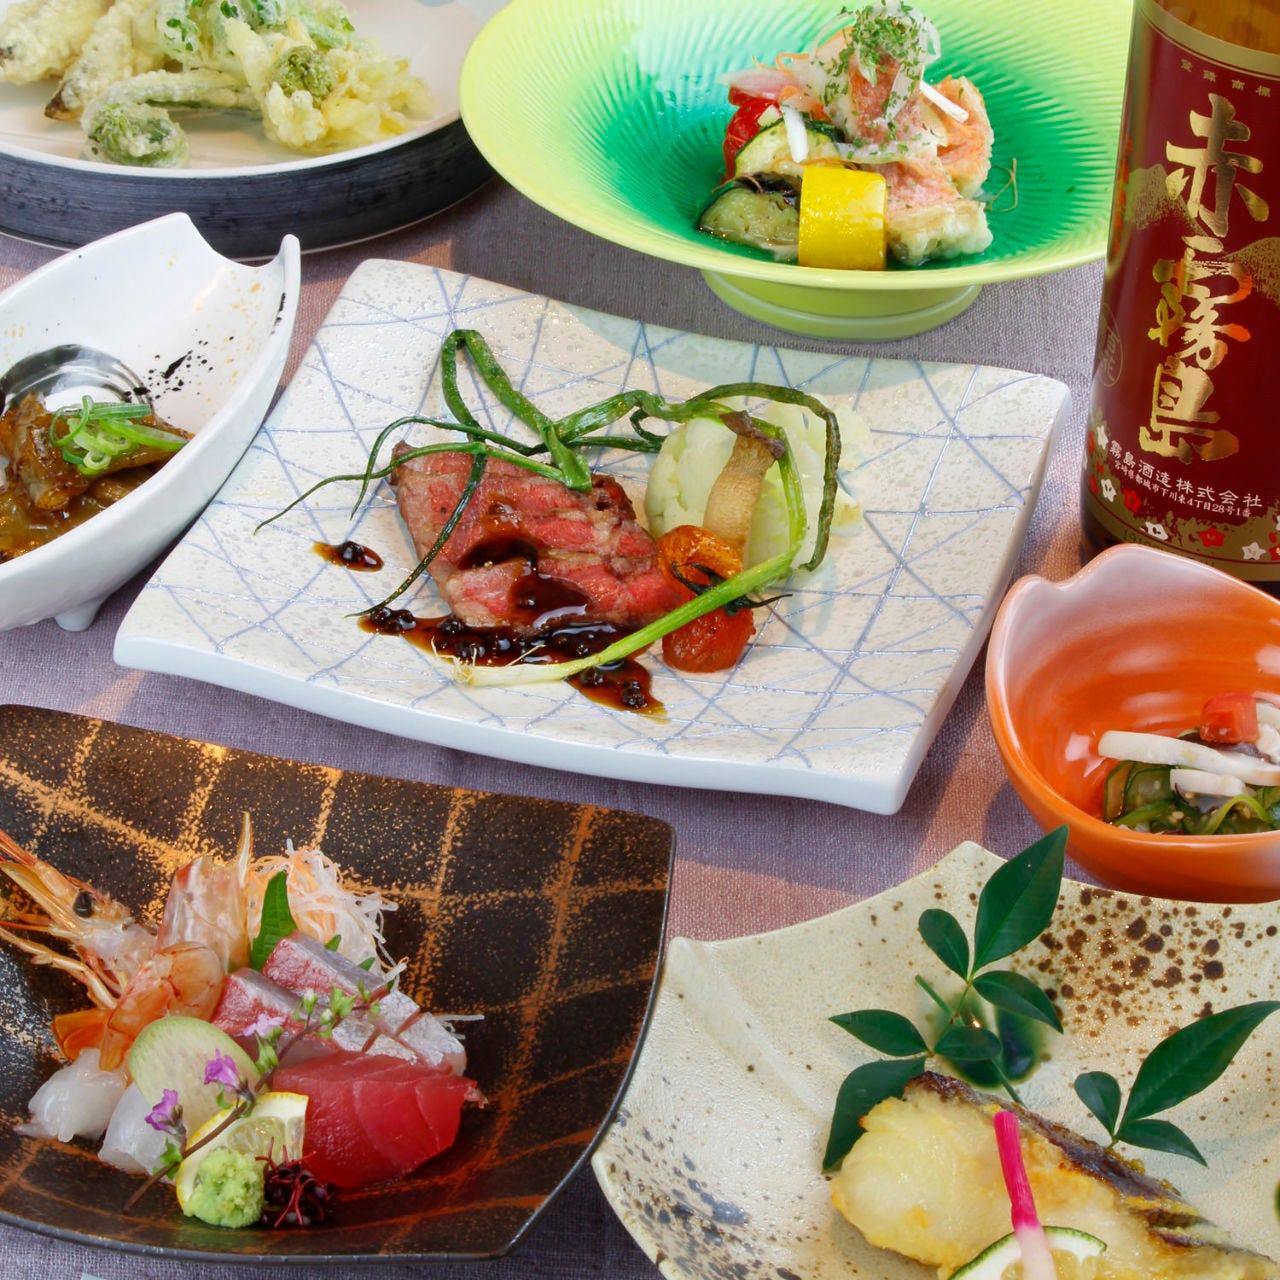 10月菜なみずき会席(赤海老/あこう/赤牛等)全7品飲放5500円